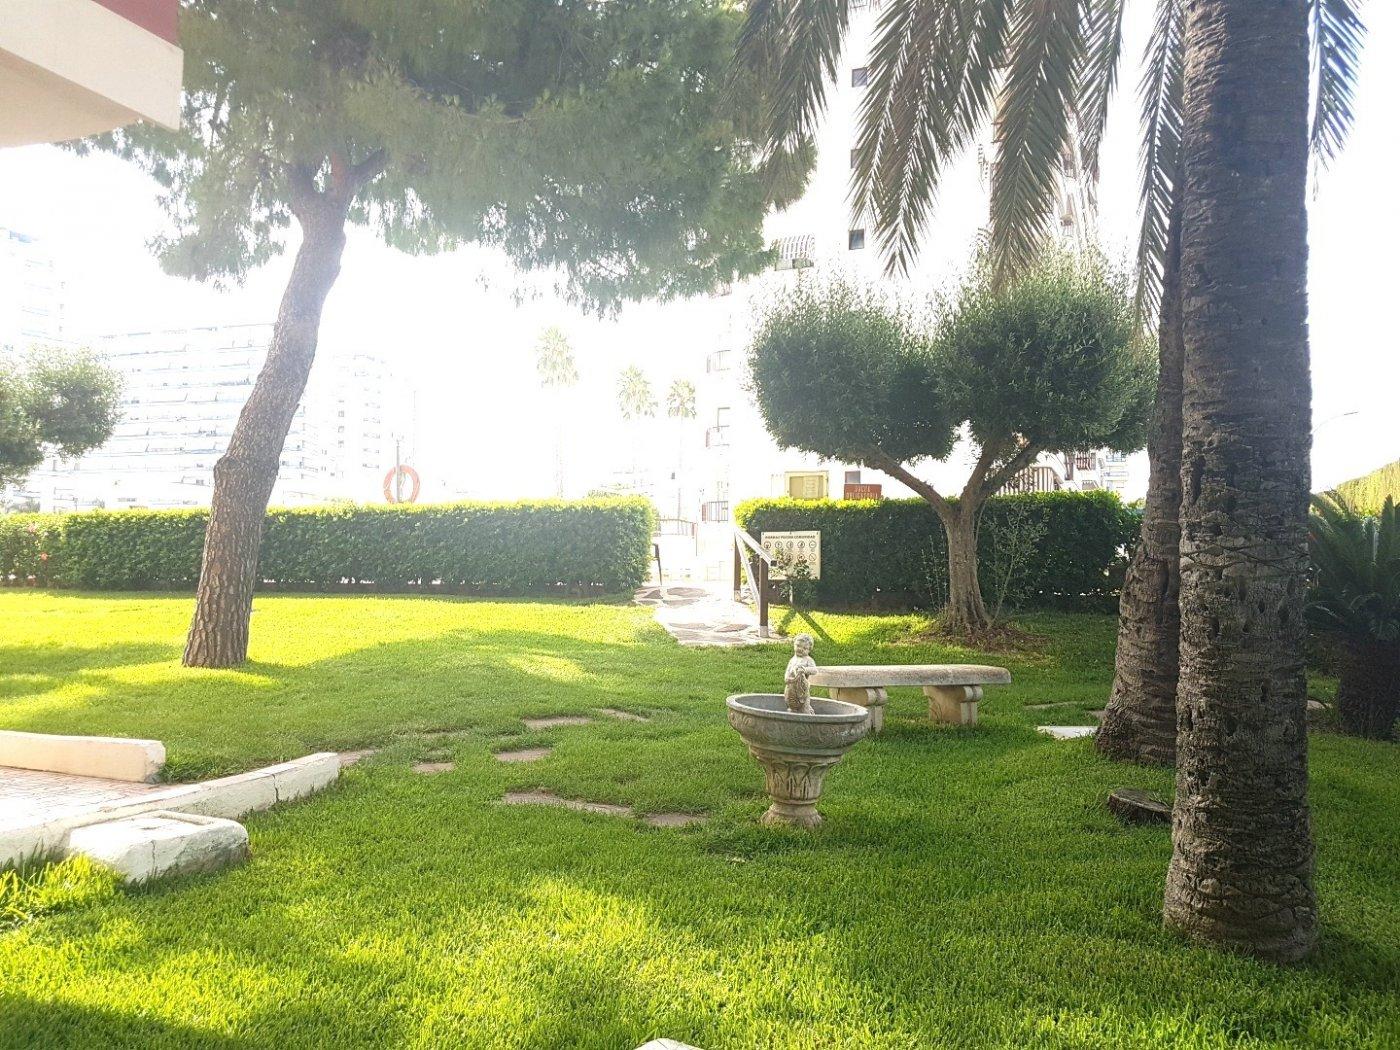 Apartamento en residencial tranquilo con parques, jardines, piscina comunitaria. - imagenInmueble15